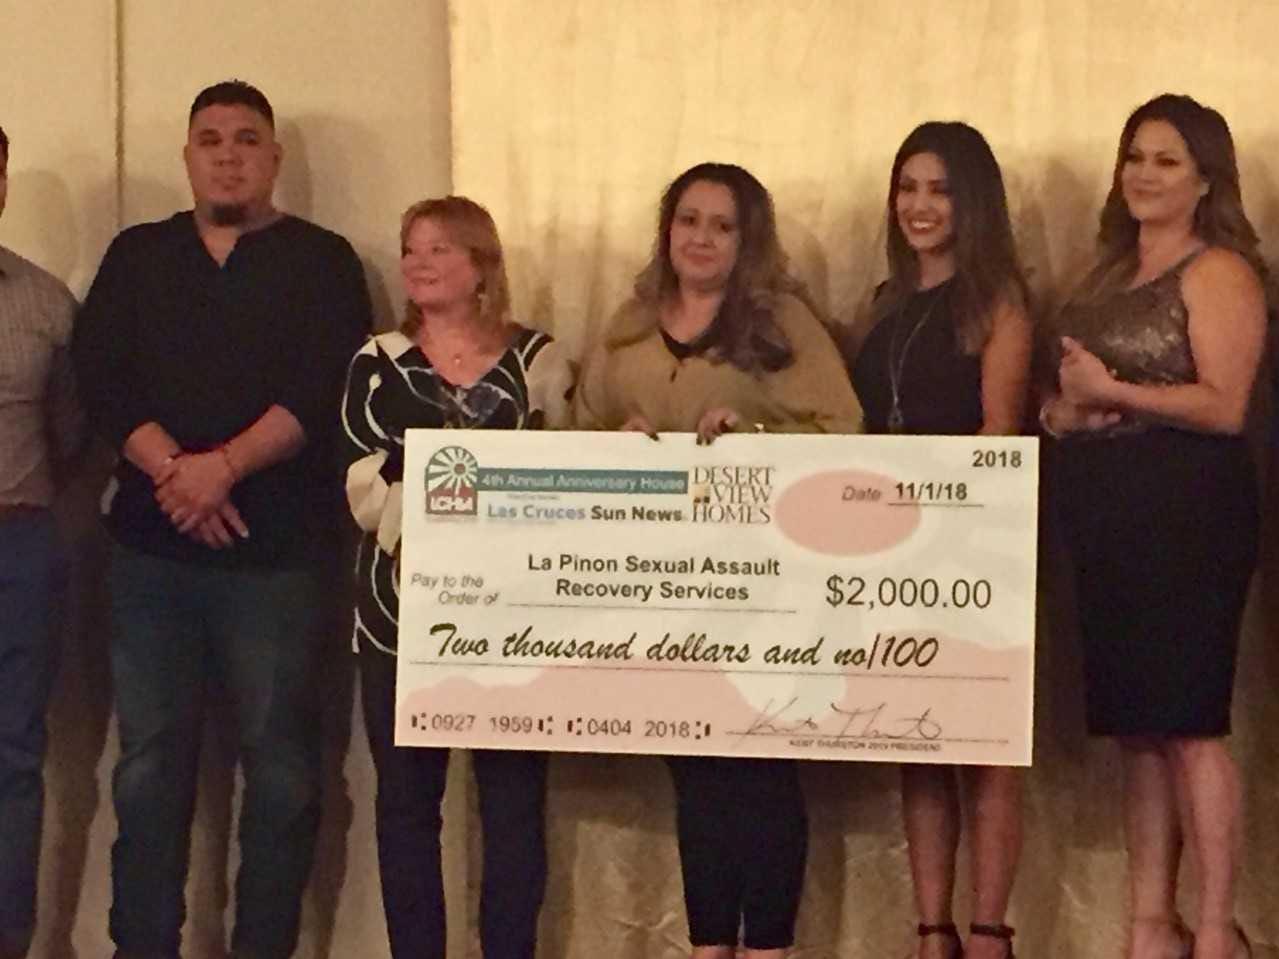 La Piñon Sexual Assault Services, $2,000